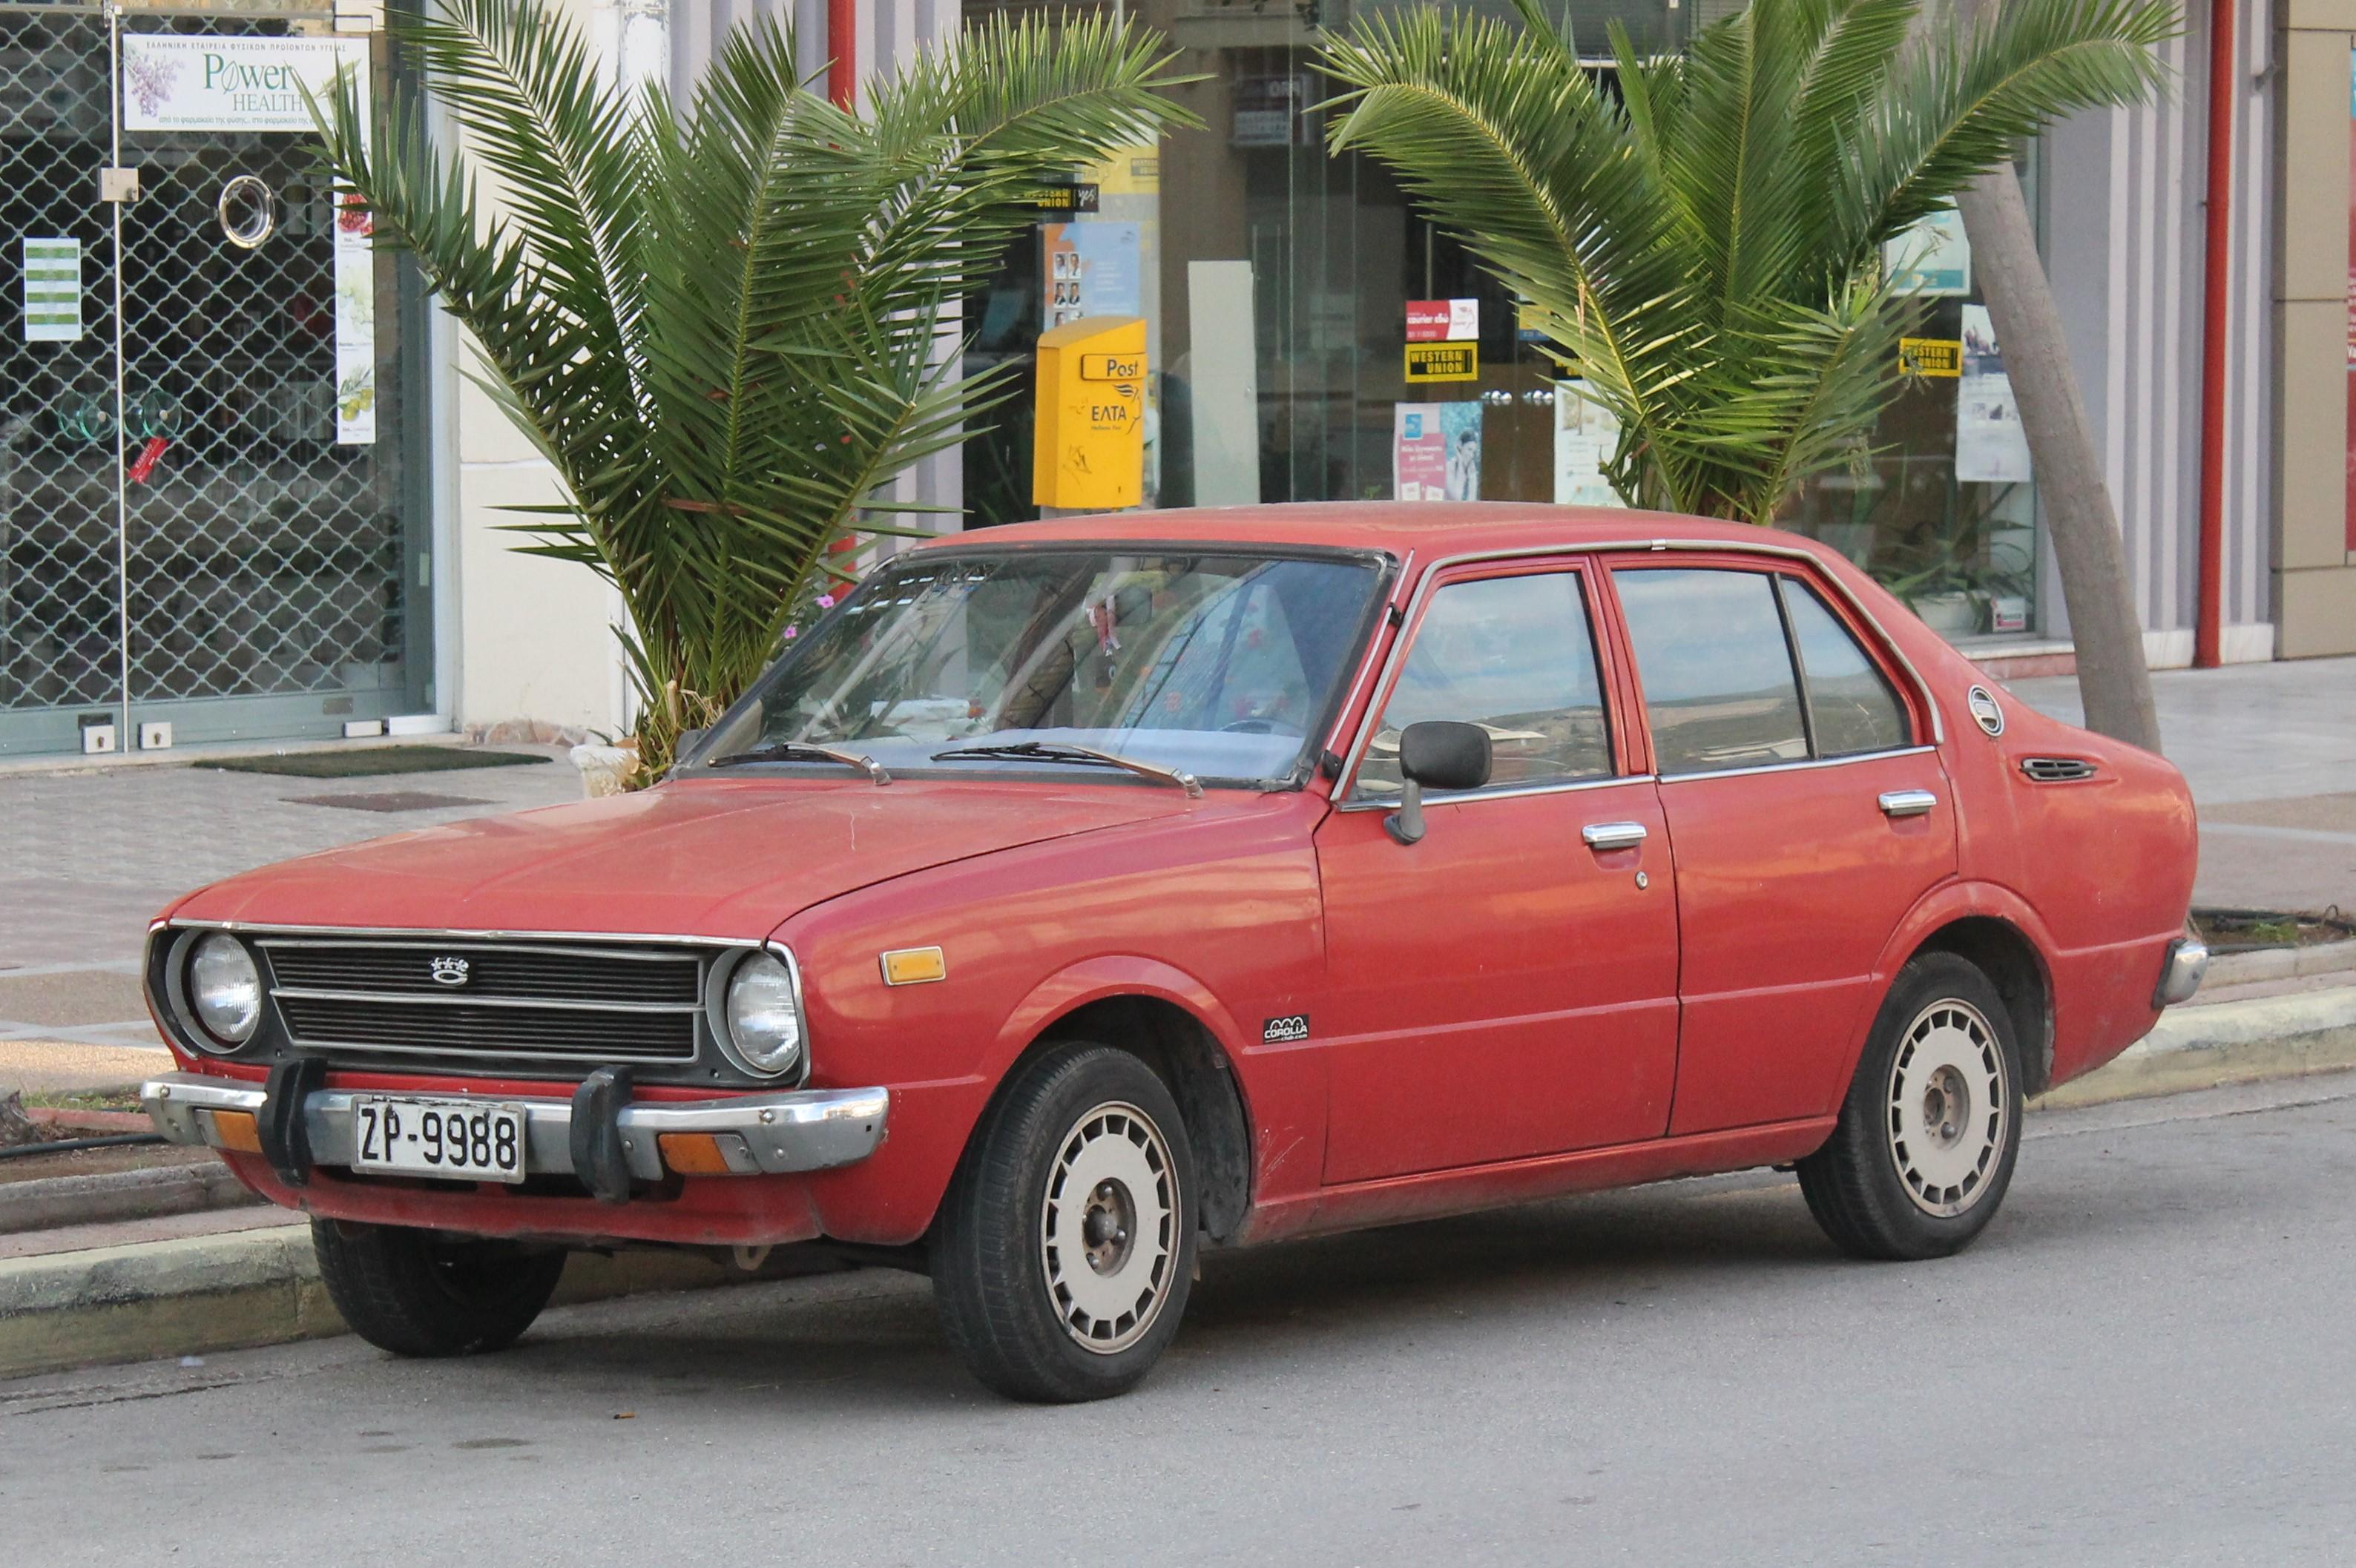 Kelebihan Kekurangan Toyota Corolla 1970 Spesifikasi